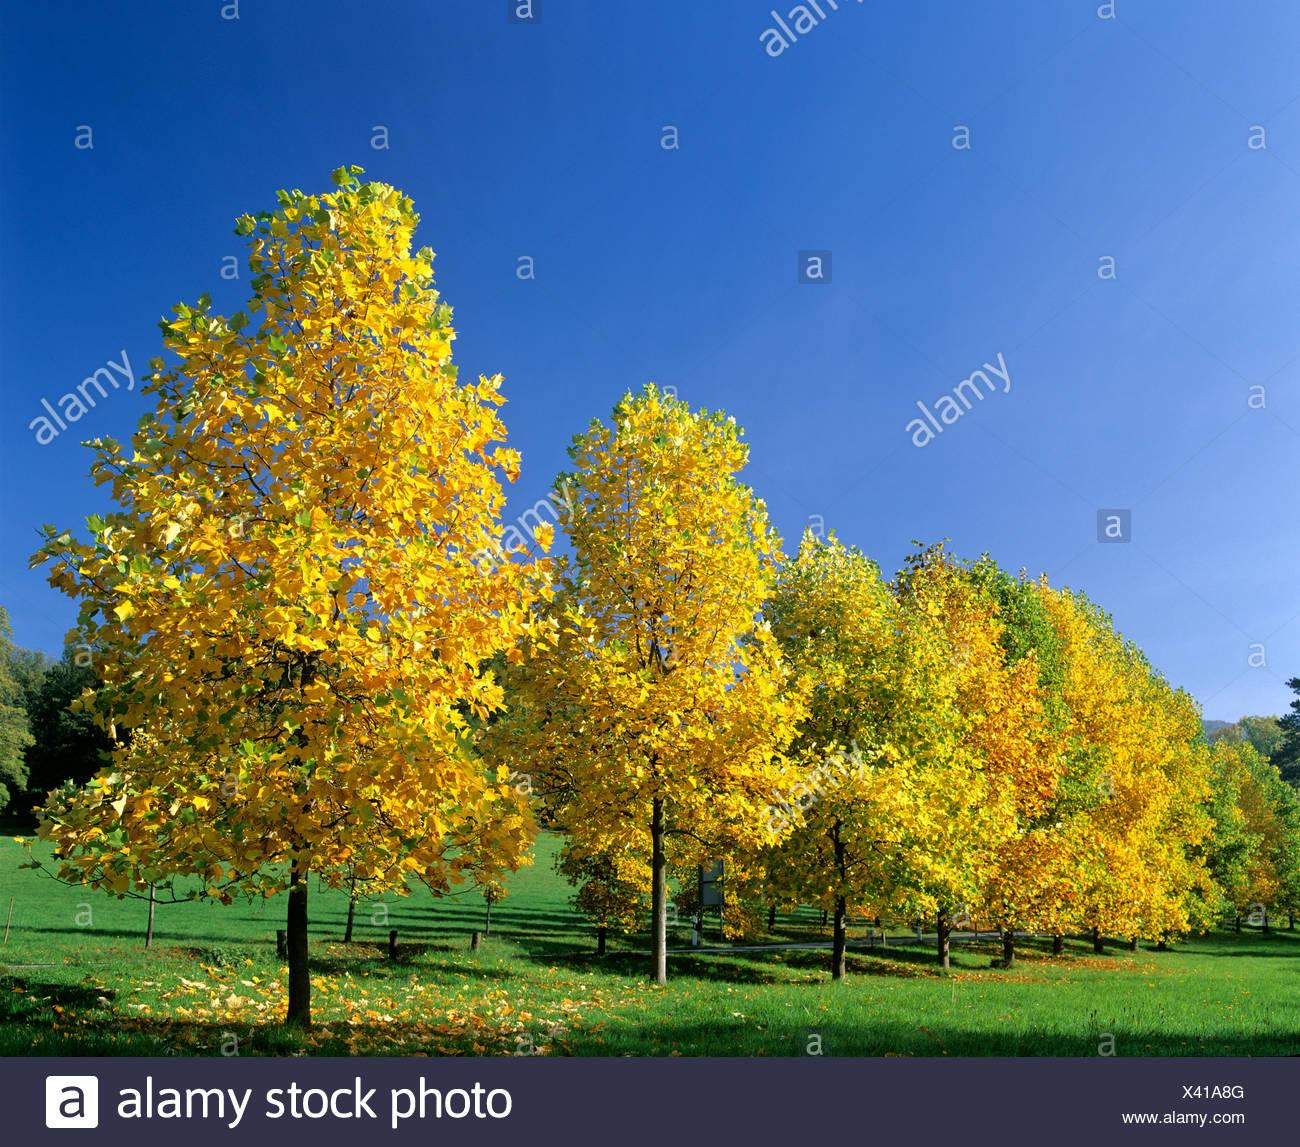 Les jeunes arbres d'érable (Acer) à l'automne, feuillage d'automne, l'Allemagne, de l'Europe Photo Stock